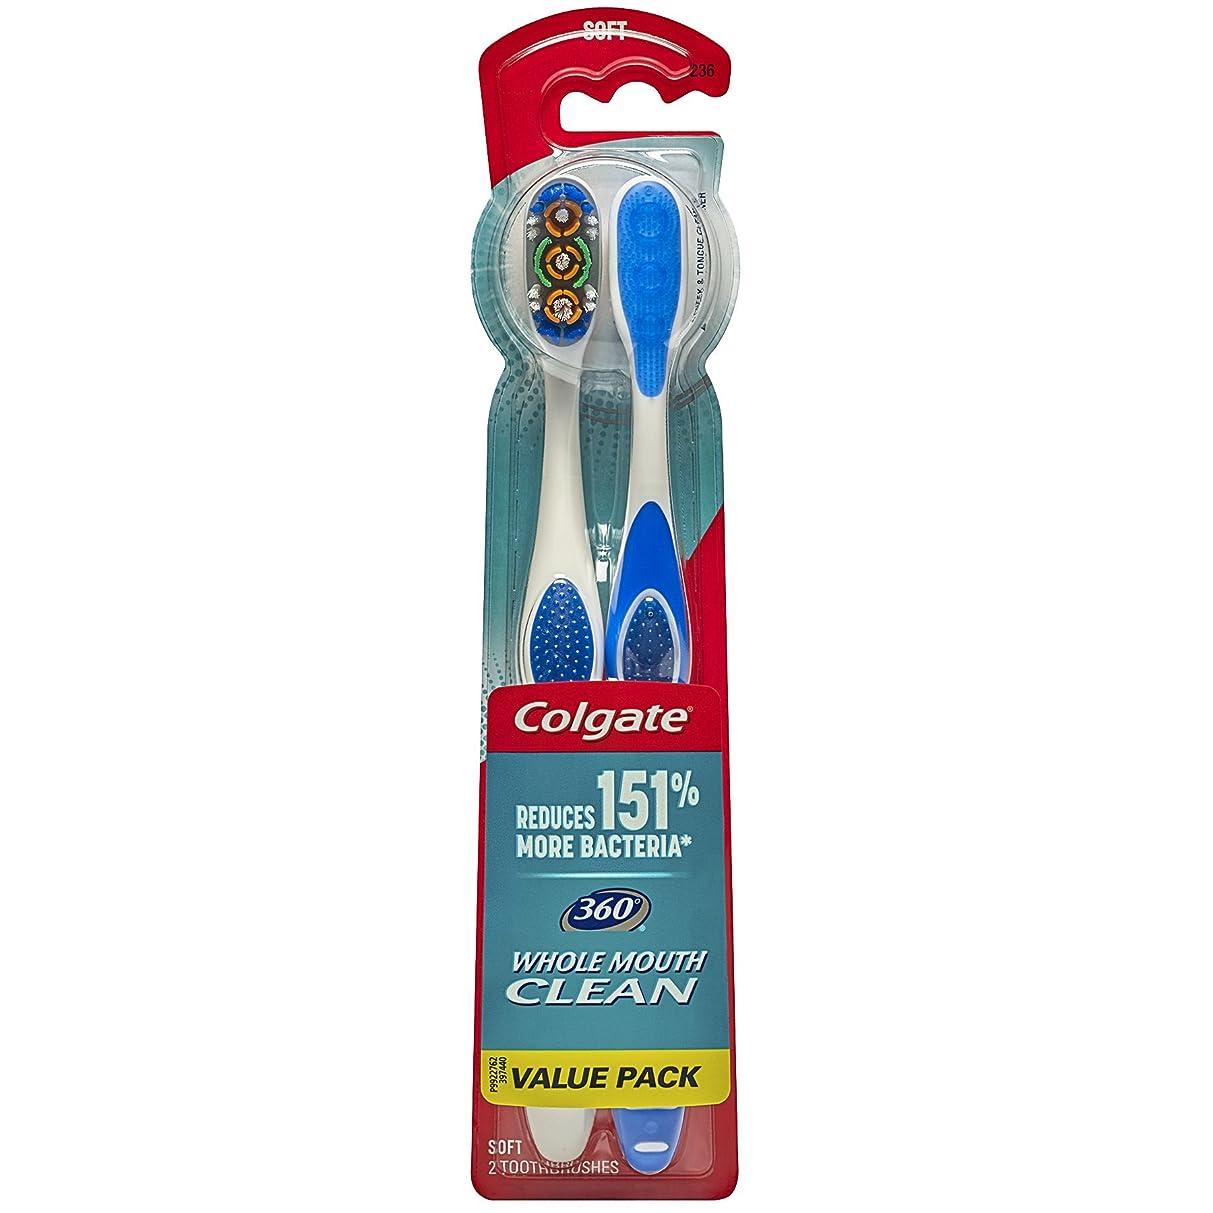 インディカグロースリップColgate 360大人の完全な頭部柔らかい歯ブラシ、ツインパック